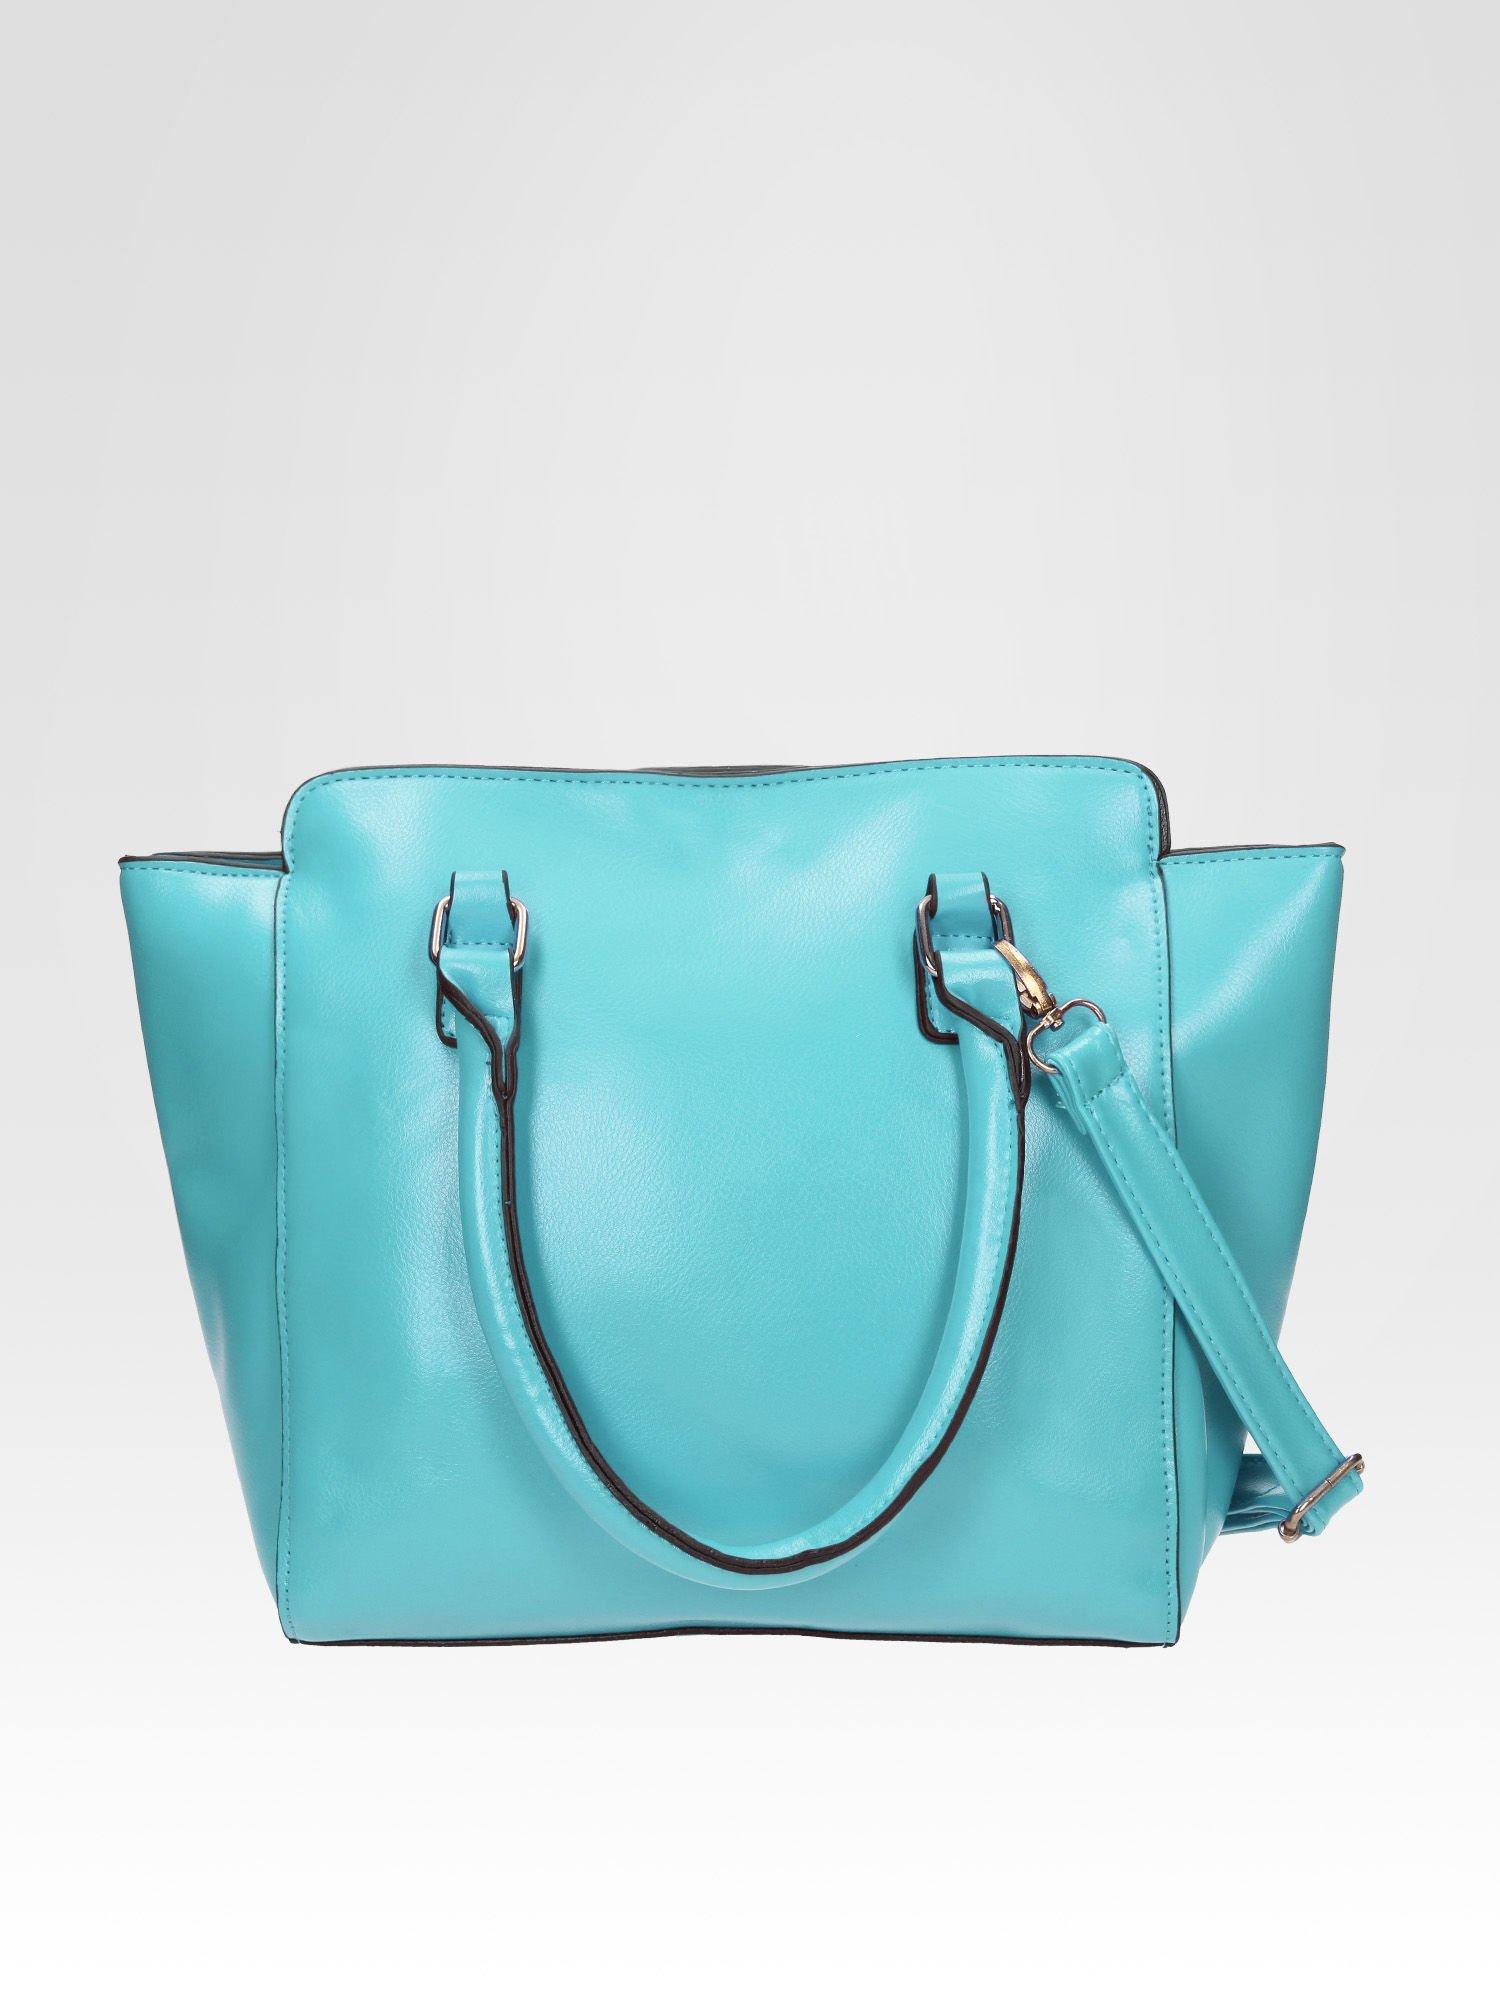 Niebieska torebka na ramię z dżetami                                  zdj.                                  3